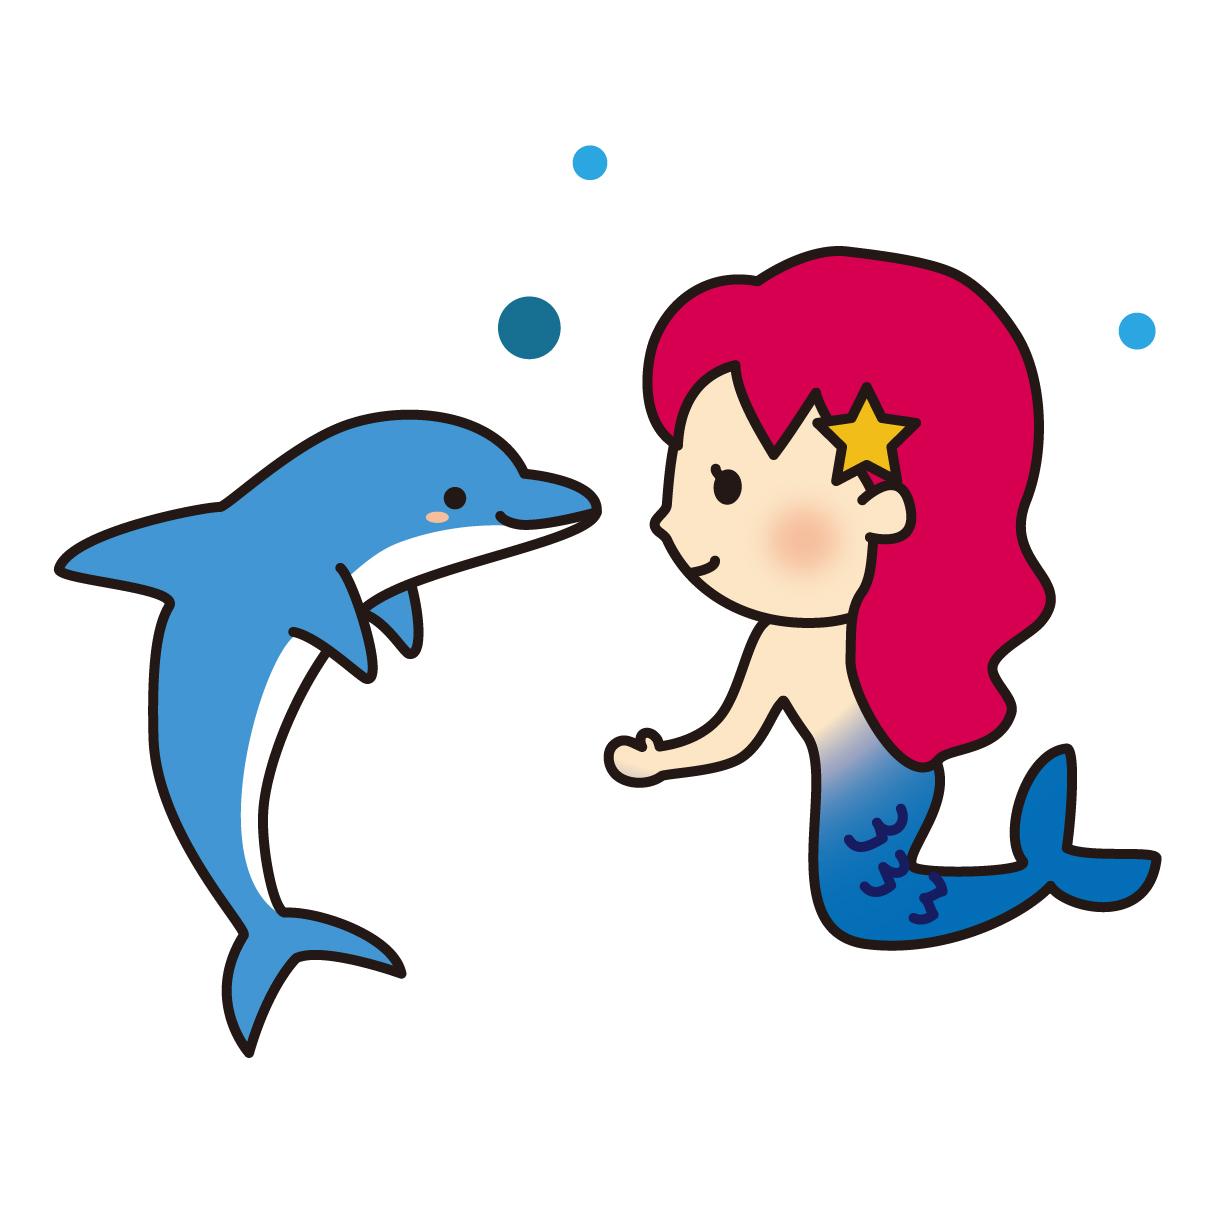 人魚姫やカメに変身可愛い姿を撮影8月2日3日ベビーアート撮影